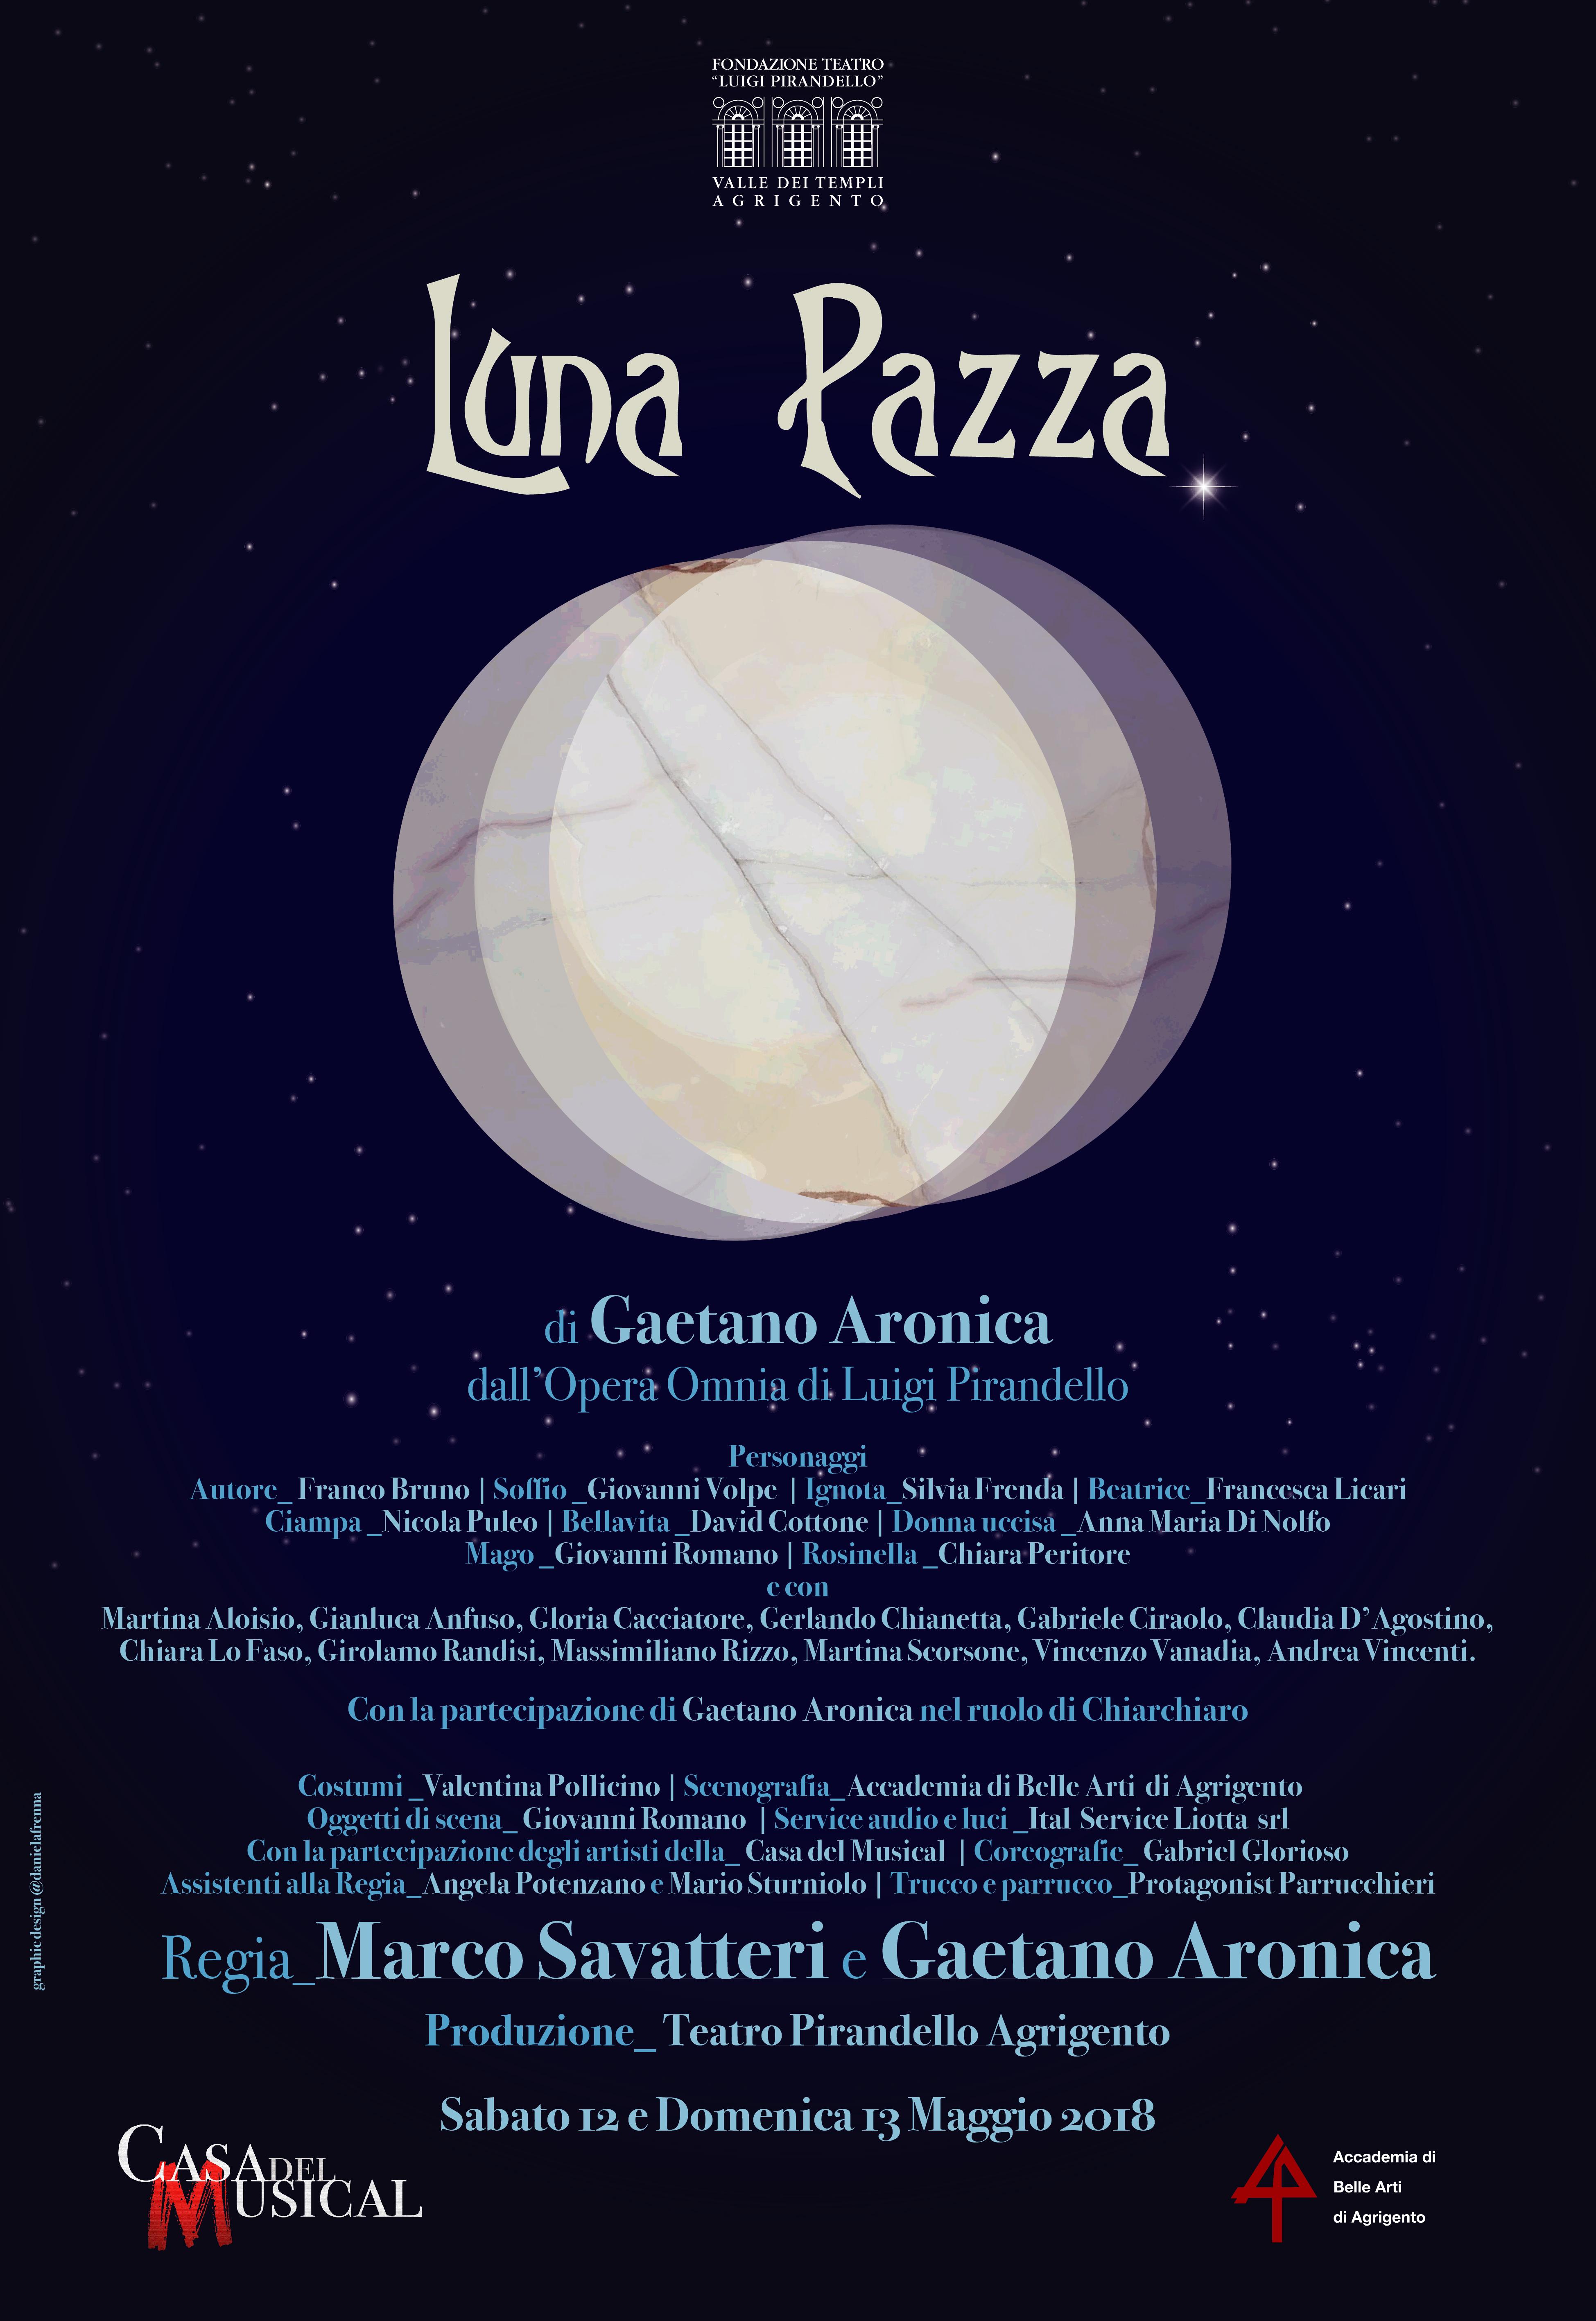 """Debutta """"Luna Pazza"""" di Gaetano Aronica e Marco Savatteri"""